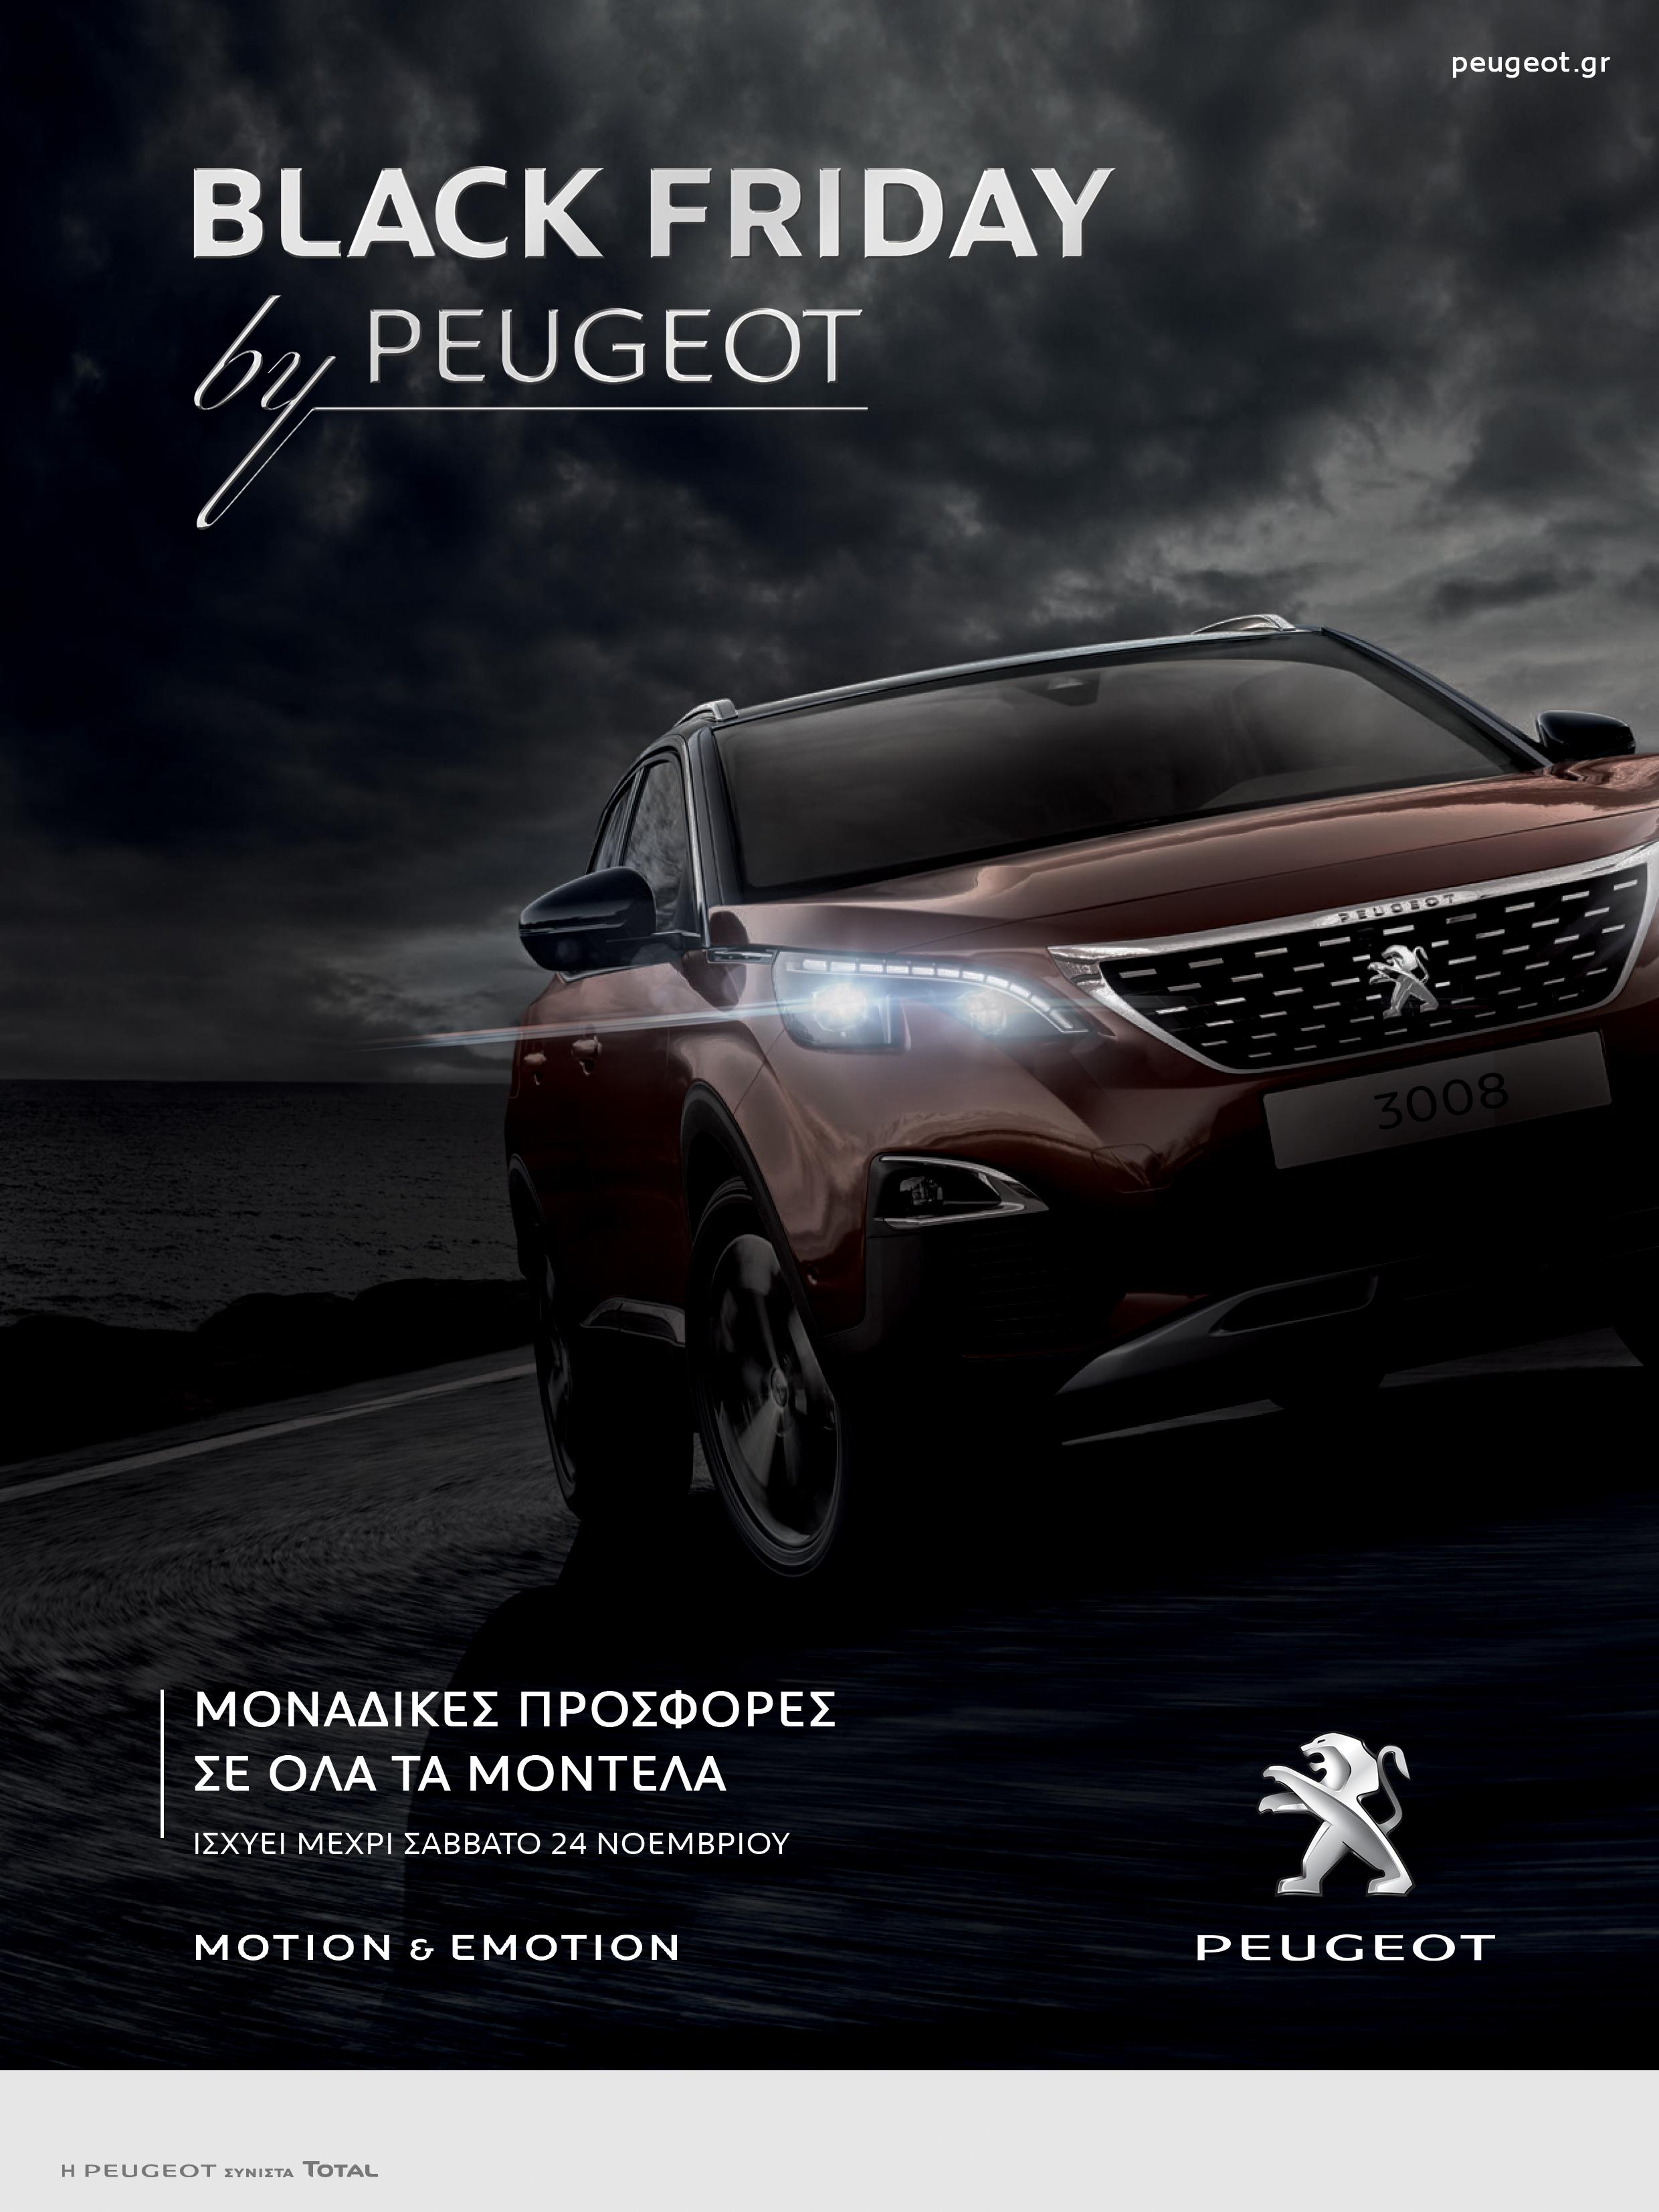 Φέτος τον Νοέμβριο, η Peugeot για δεύτερη συνεχή χρονιά εφαρμόζει το θεσμό Black Friday στην αγορά αυτοκινήτου στην Ελλάδα με μοναδικές προσφορές! H εμβληματική γαλλική αυτοκινητοβιομηχανία με τα πολυβραβευμένα μοντέλα και την πρωτοποριακή τεχνολογία, είναι η πρώτη εταιρία αυτοκινήτου που συμμετείχε στον θεσμό του Black Friday τον οποίο πλέον καθιερώνει ως μια άκρως συμφέρουσα πρόταση για τους φίλους της γαλλικής φίρμας και τους υποψήφιους αγοραστές. Οι προσφορές Black Friday θα ισχύουν σε όλο το επίσημο δίκτυο διανομέων της Peugeot για περιορισμένο αριθμό καινούριων αυτοκινήτων έως και το Σάββατο 24 Νοεμβρίου, αφορούν δε όλη την γκάμα των επιβατικών μοντέλων της Peugeot 108, 208, 301 και 308 καθώς και την οικογένεια των δημοφιλών SUVs 2008, 3008 και 5008!